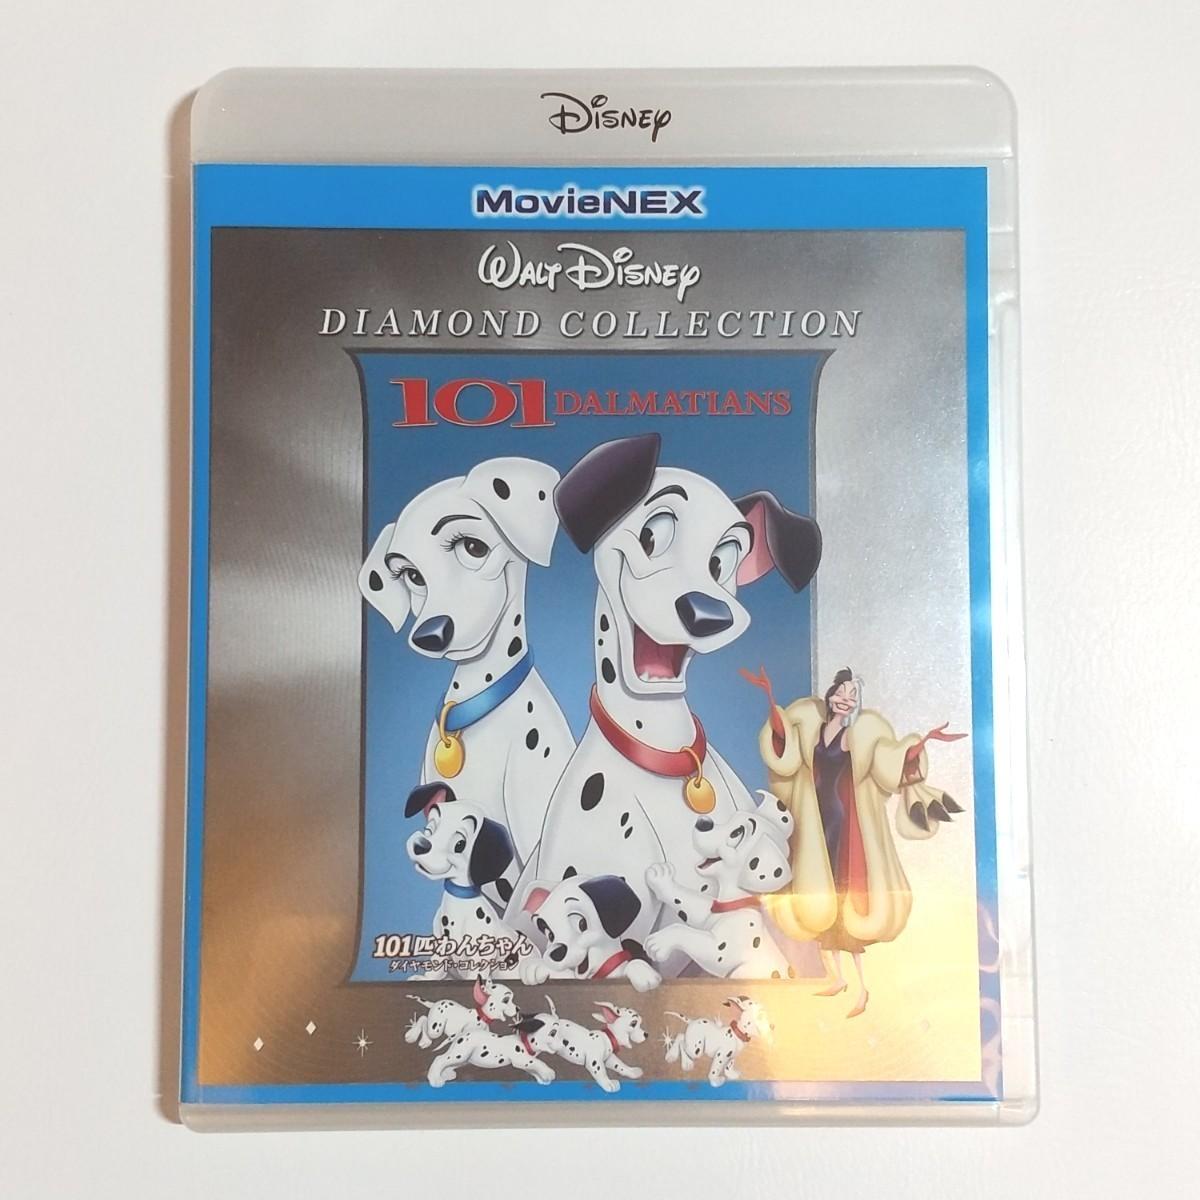 ディズニー 101匹わんちゃん  MovieNEX Blu-ray +DVD ブルーレイ